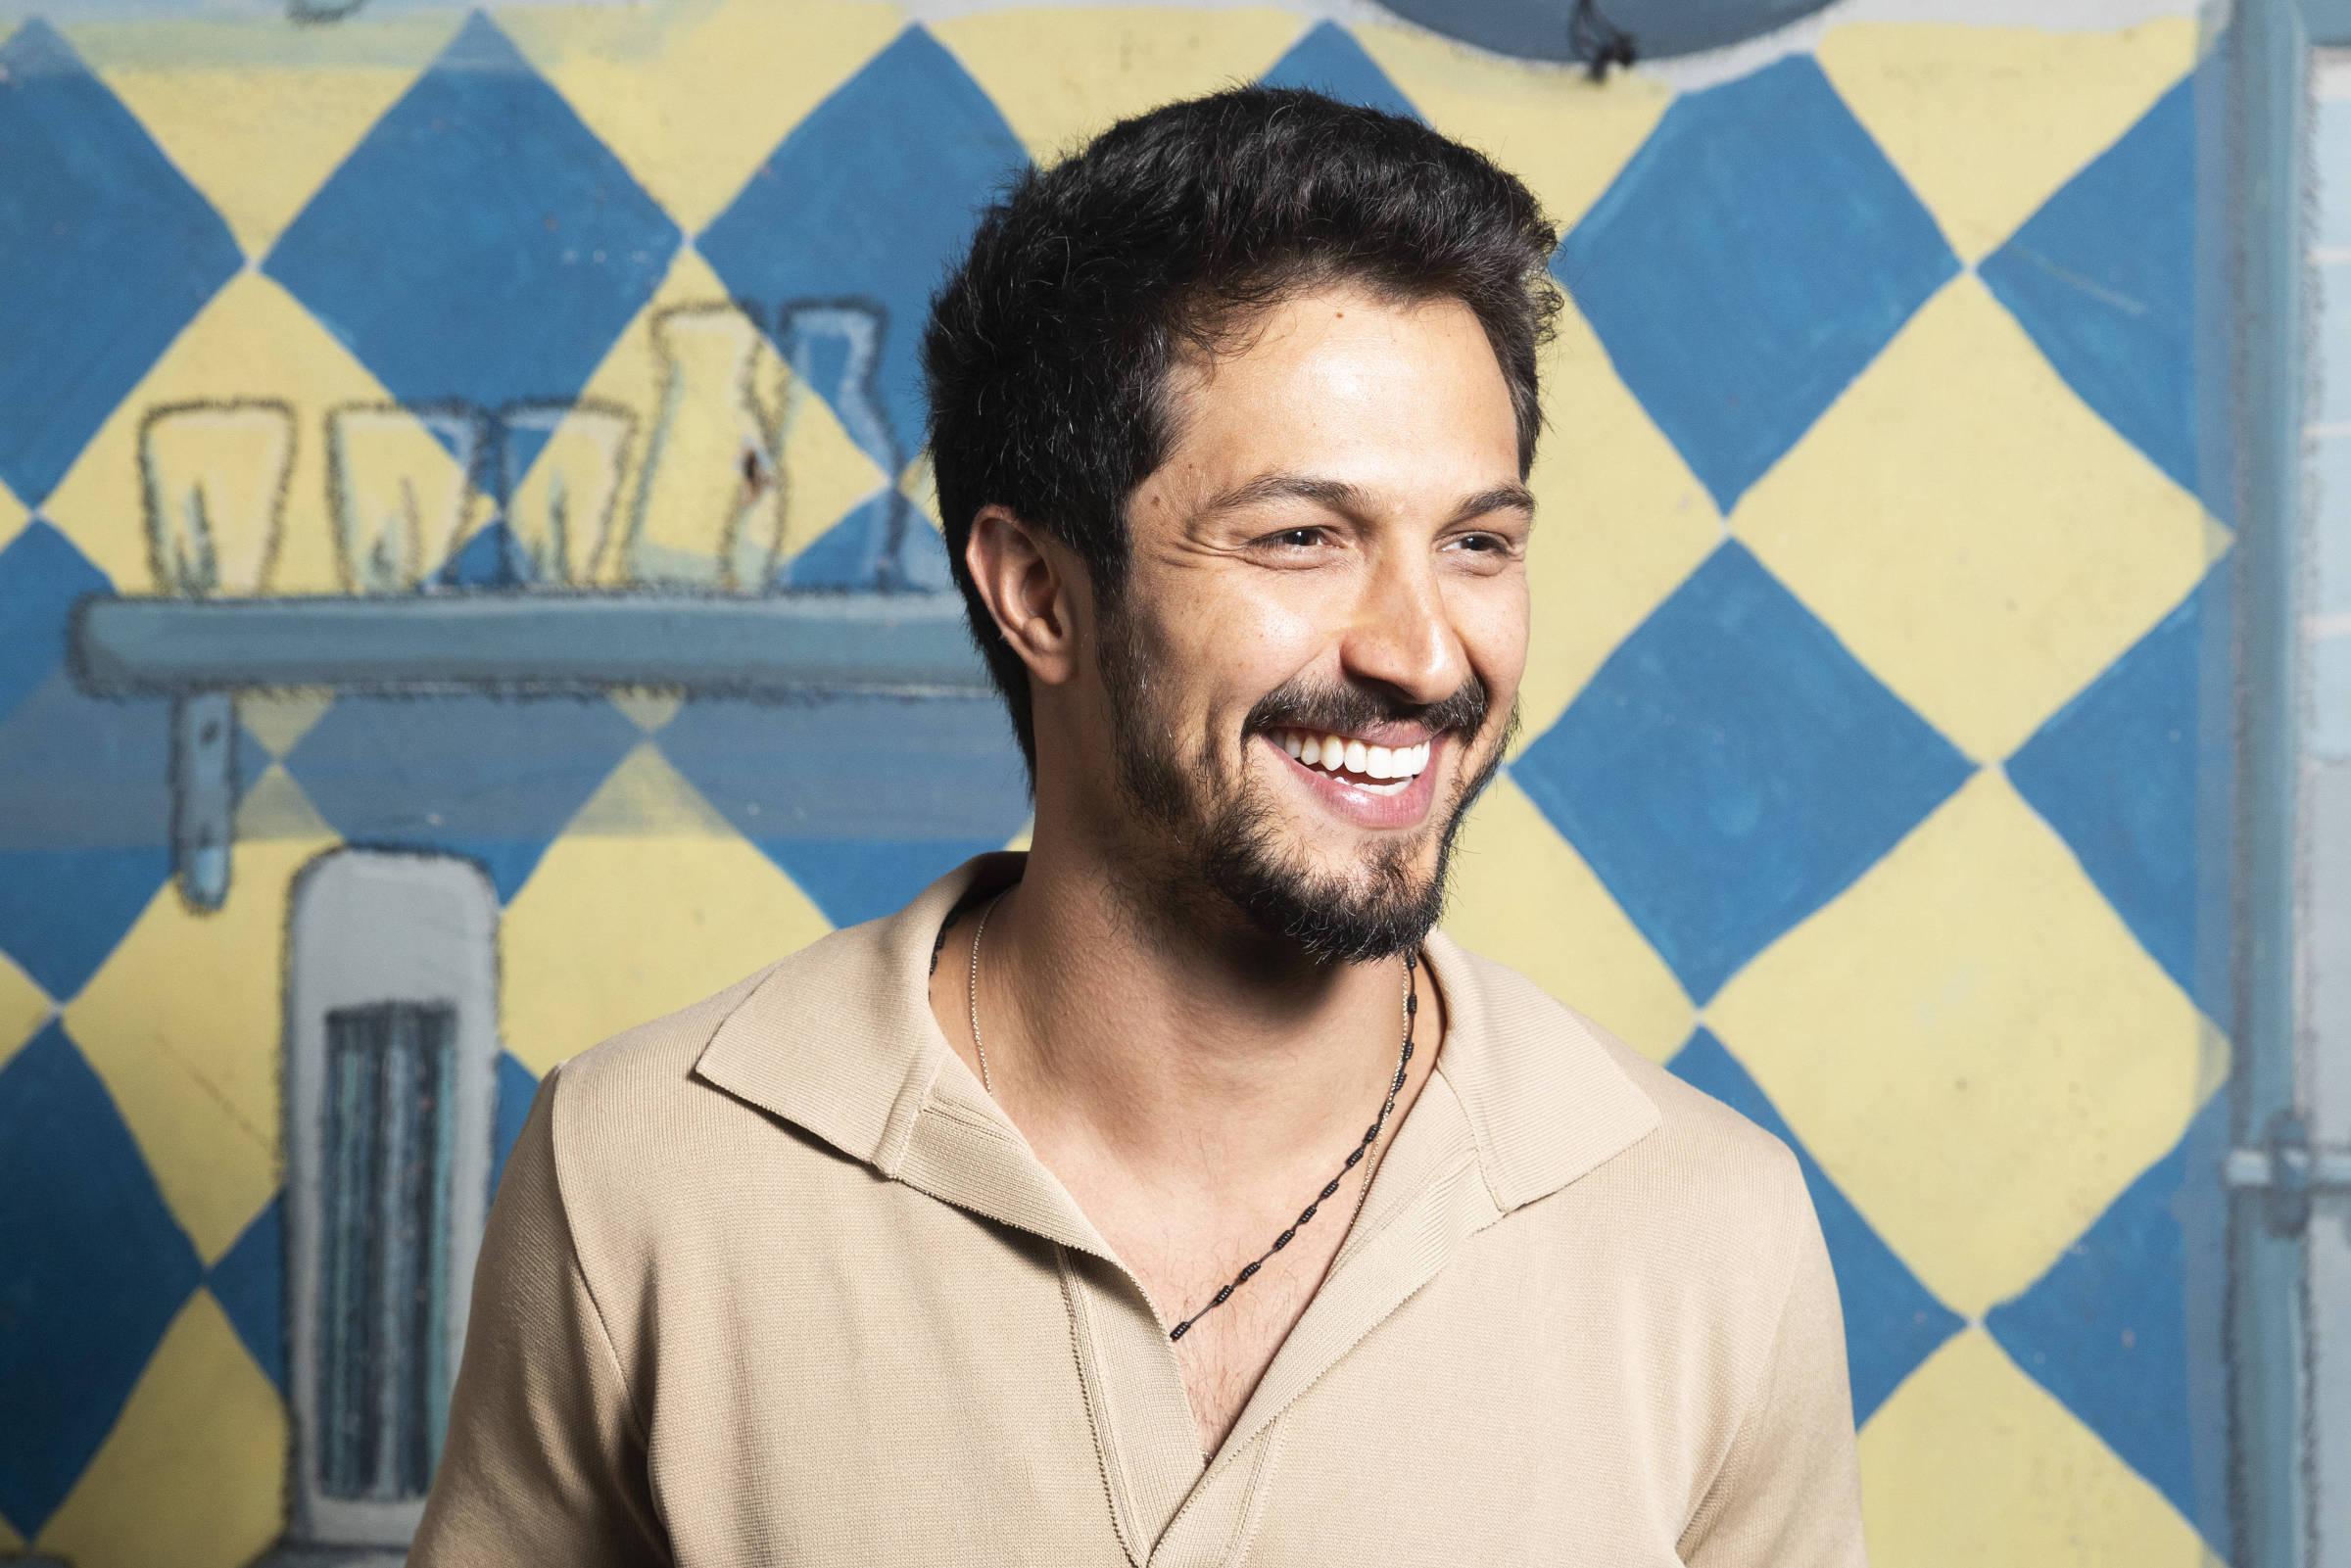 Estrela estará no elenco | Globo procura modelos jovens para 'Verdades Secretas 2'